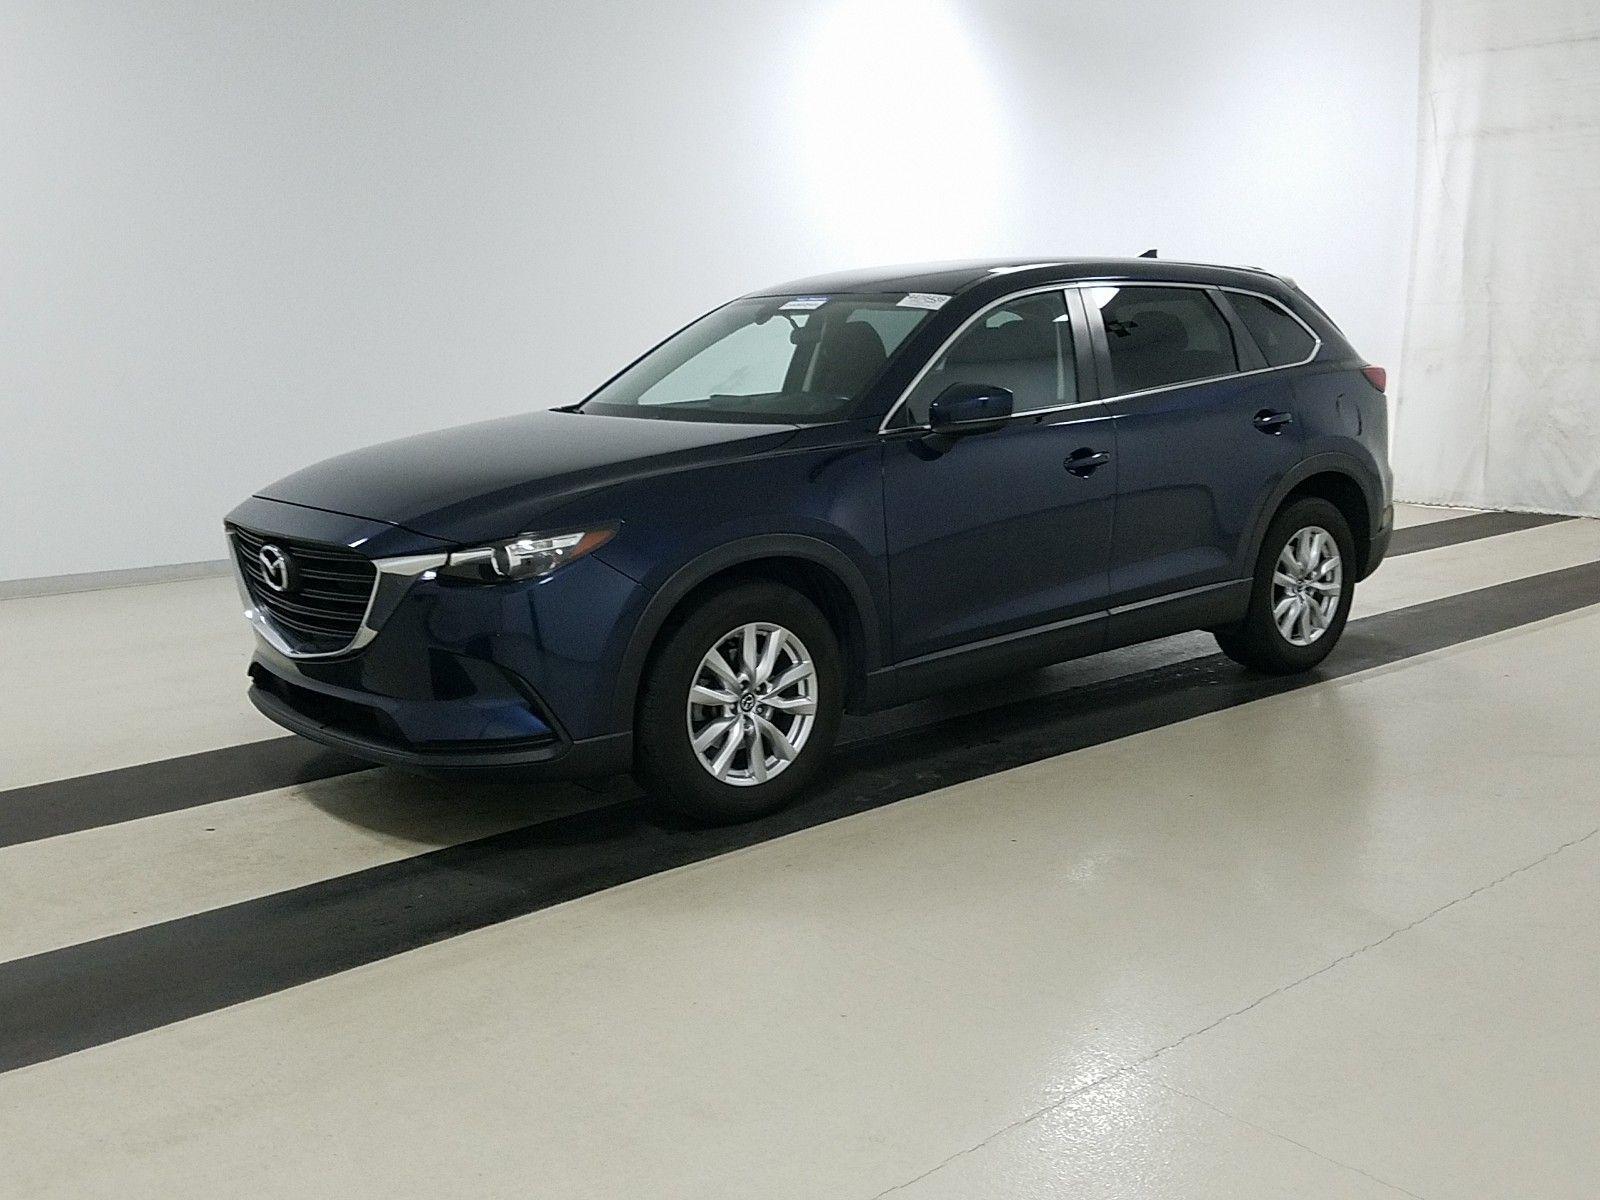 2017 Mazda Cx-9 2.5. Lot 99915815079 Vin JM3TCABY4H0127236